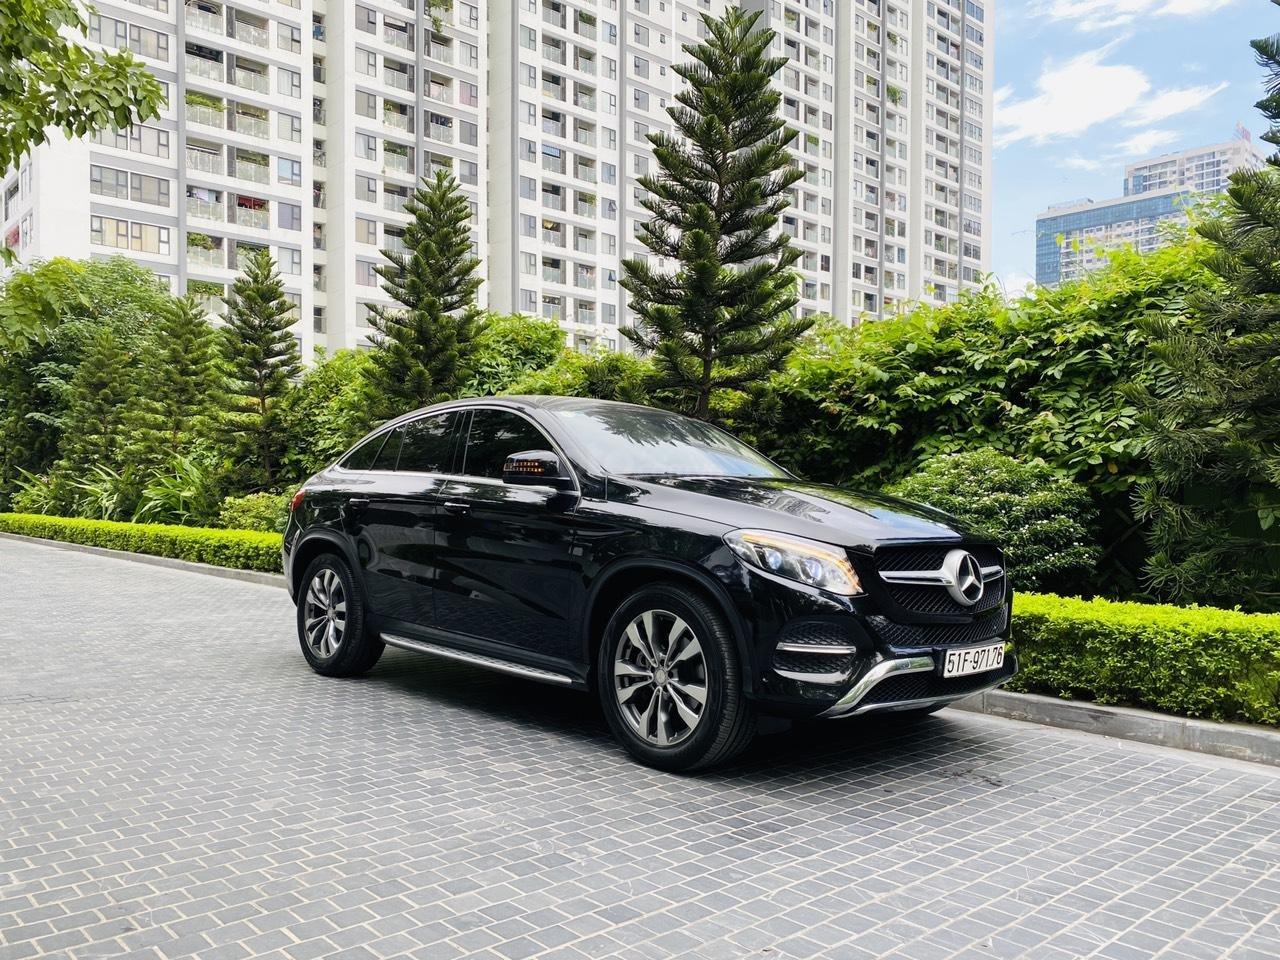 Bán ô tô Mercedes GLE Couple sản xuất 2016 nhập khẩu (3)